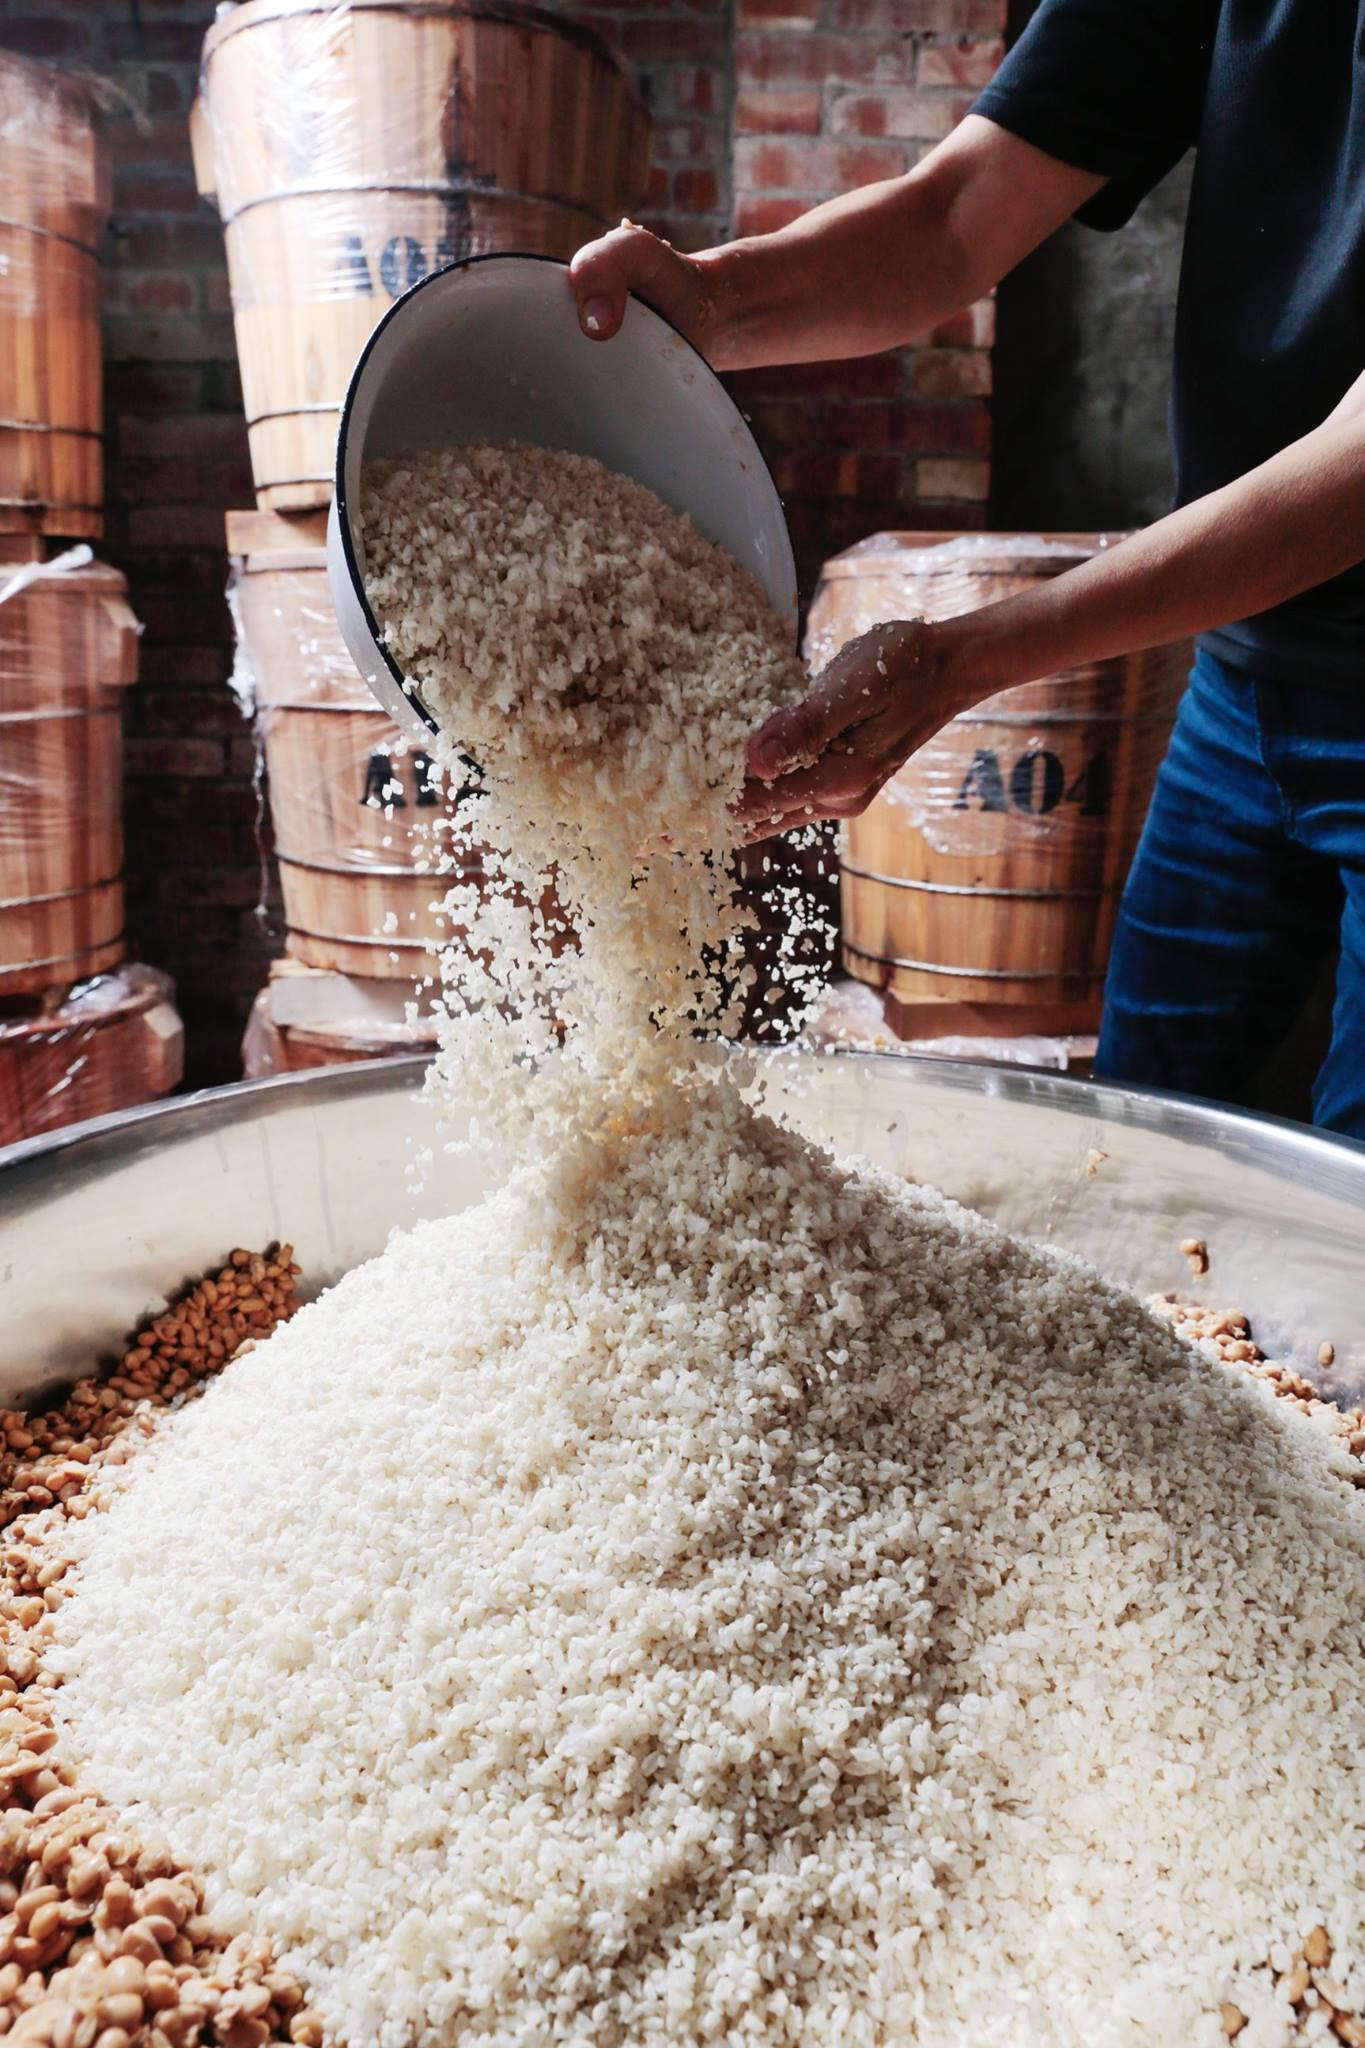 混合黃豆 選用品質優良但成本也較高的國產黃豆,將煮熟的黃豆與米麴充分的攪拌、混合,並細心的舖至木桶中佇存,確保每一層的味噌,味道都能均勻。(1).jpg | 禾乃川國產豆製所 | 改變生命的豆漿店